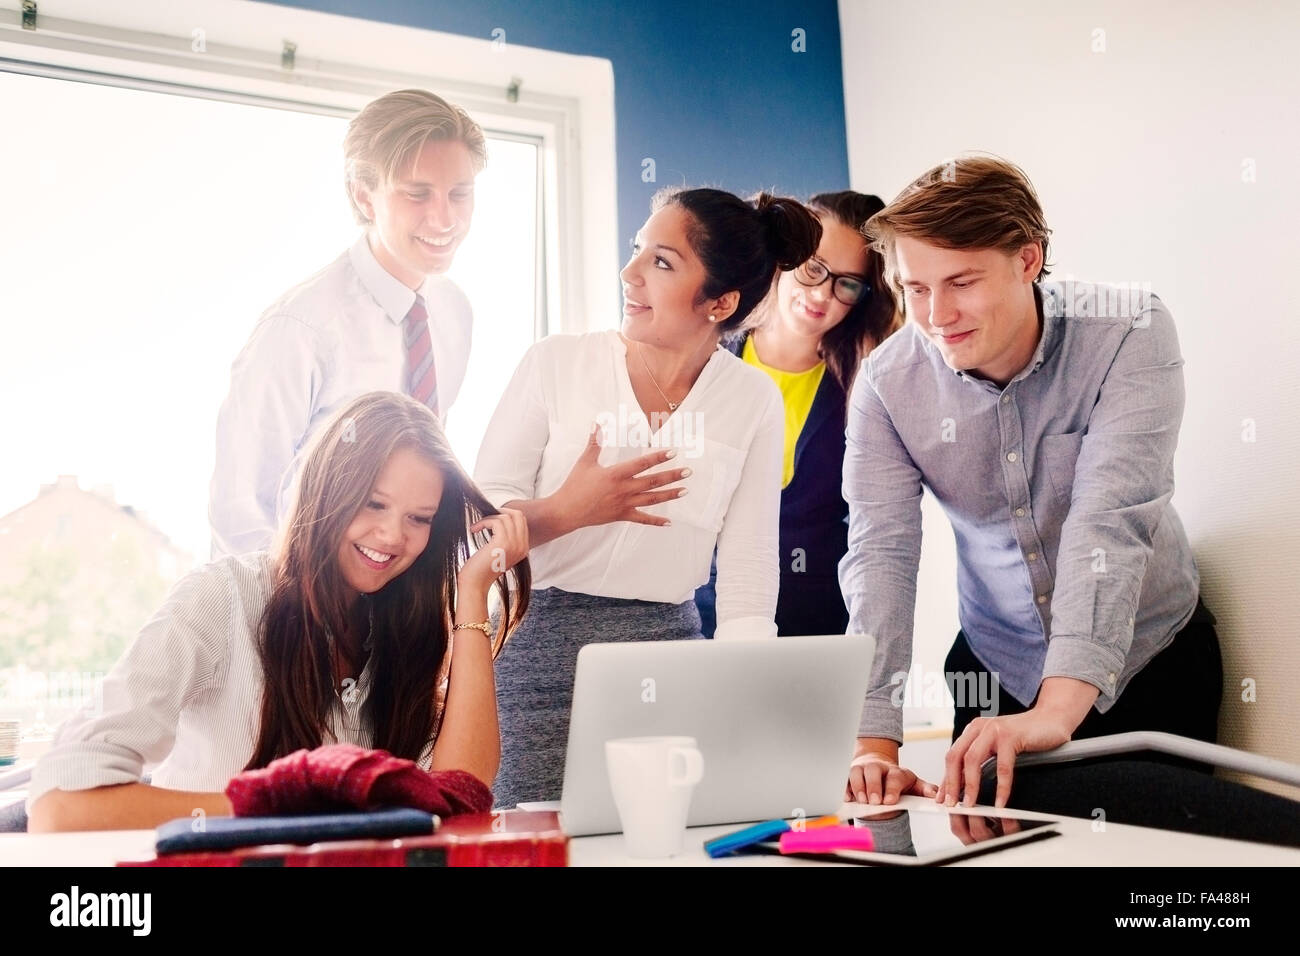 La gente de negocios en la sala de conferencias Imagen De Stock